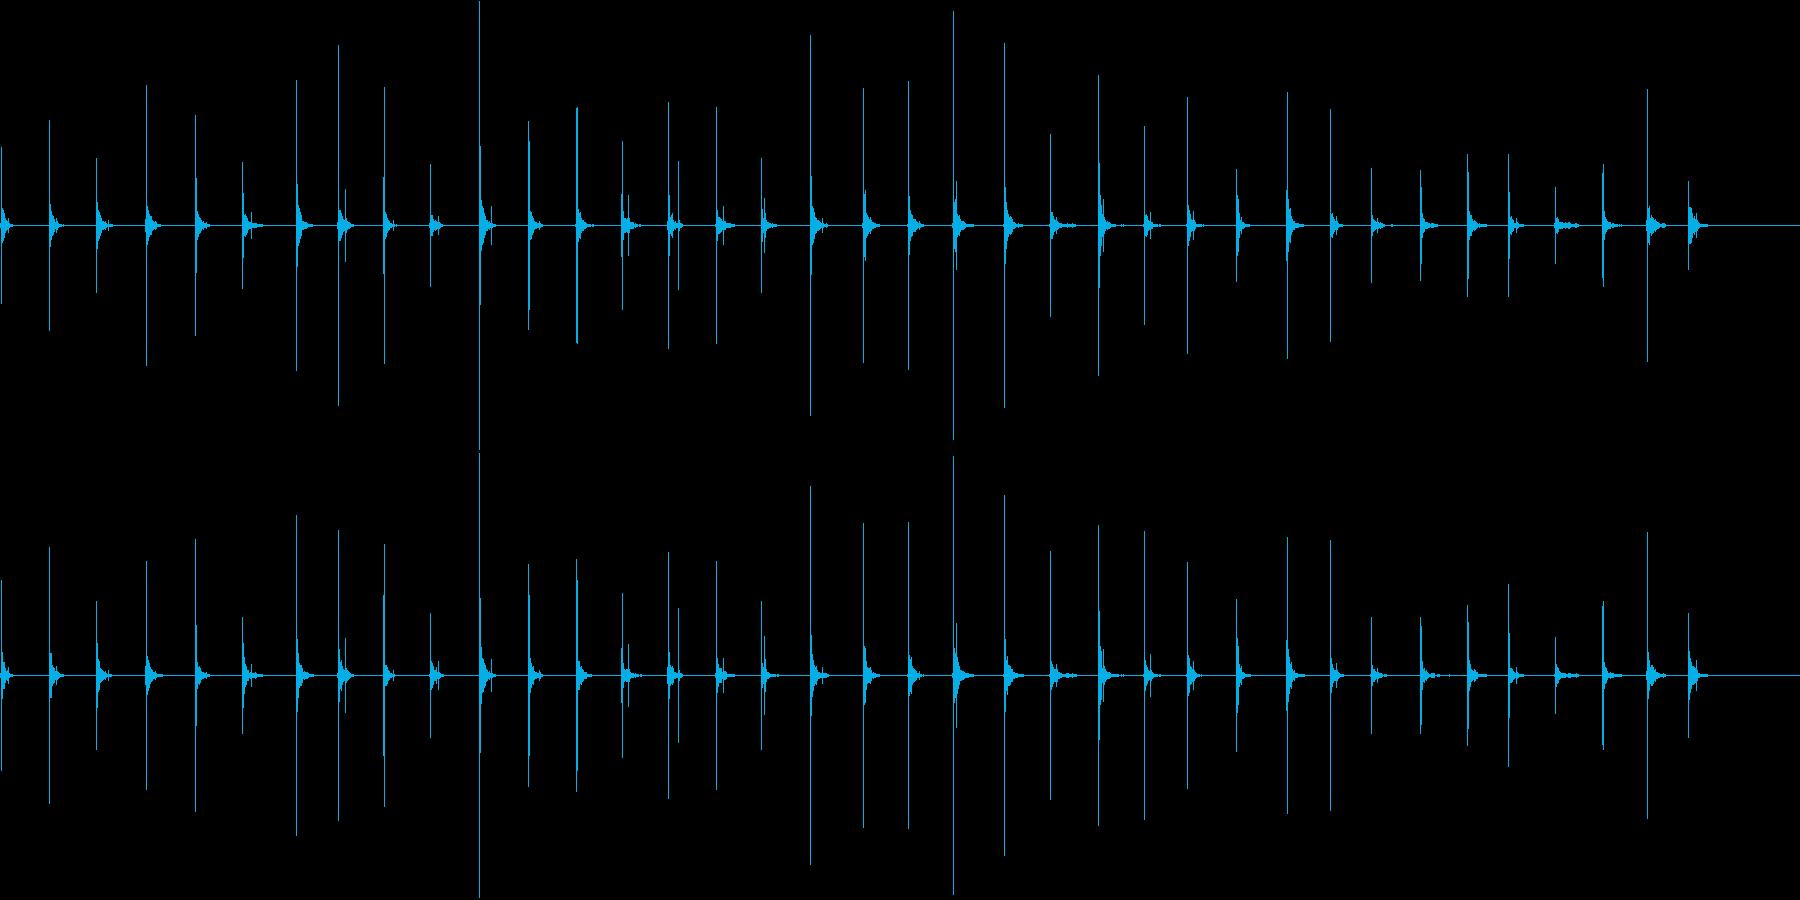 ハイヒールで歩く足音の再生済みの波形